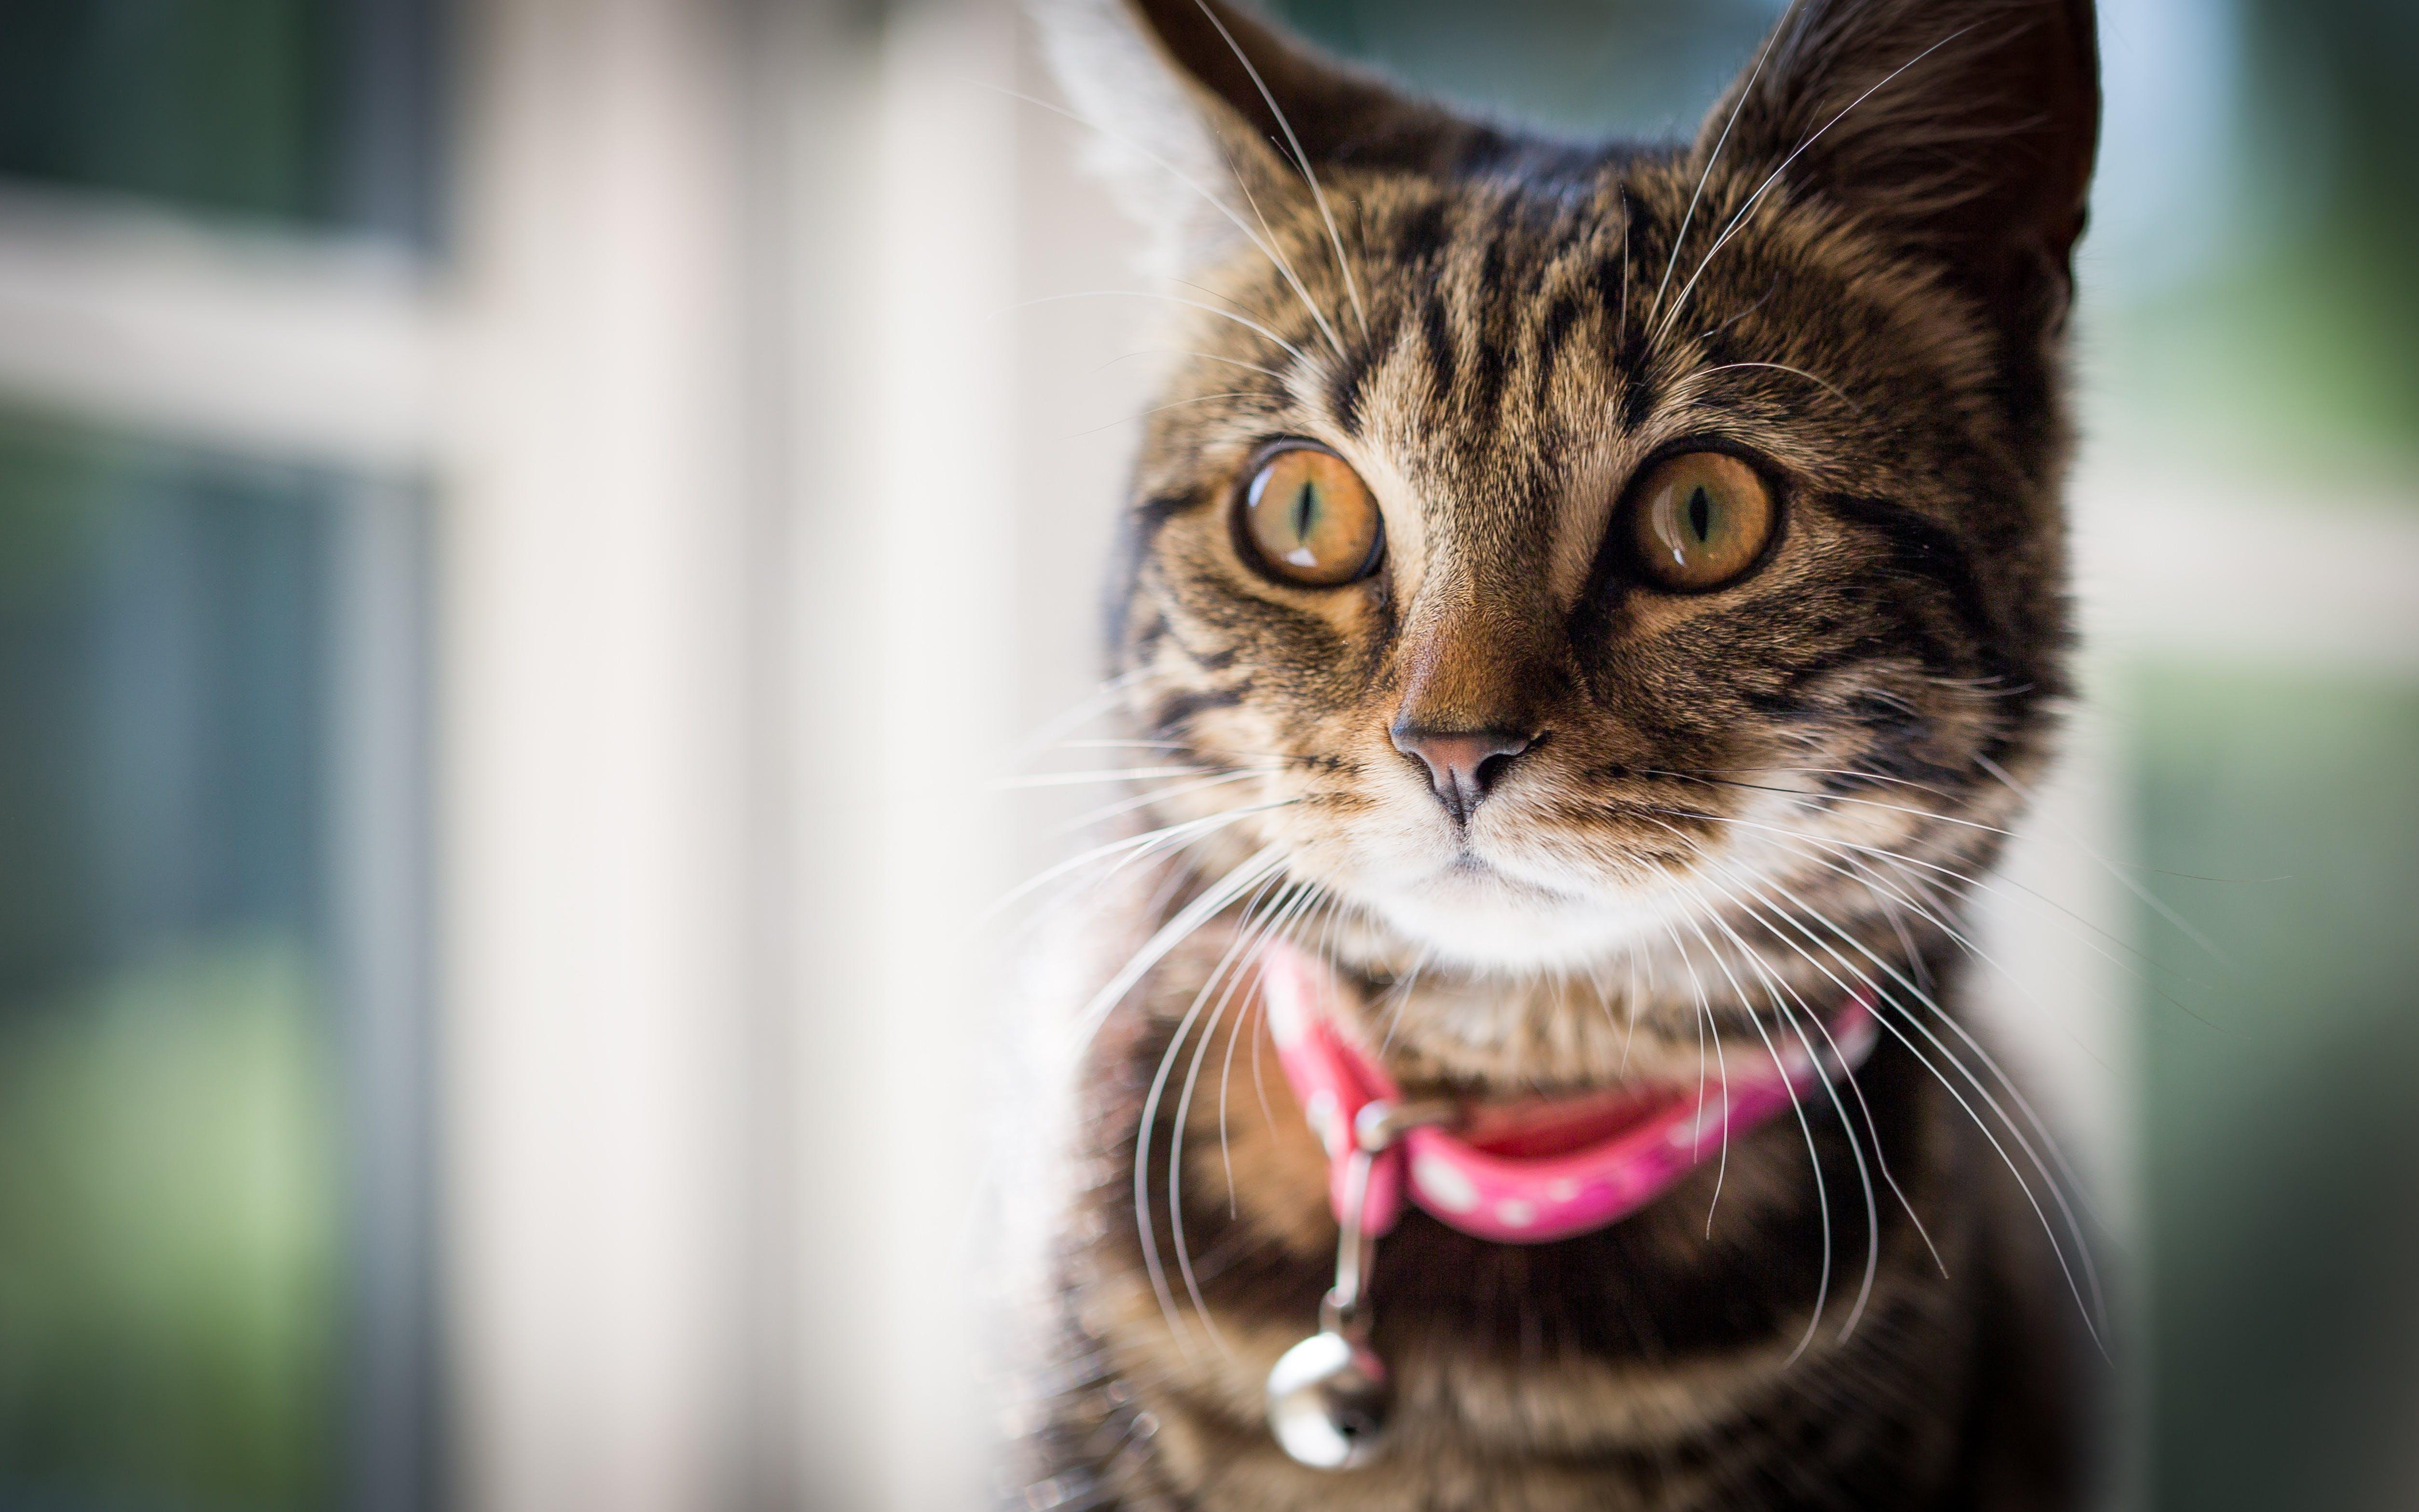 Foto d'estoc gratuïta de gat, gatet, mirar fixament, tigrat